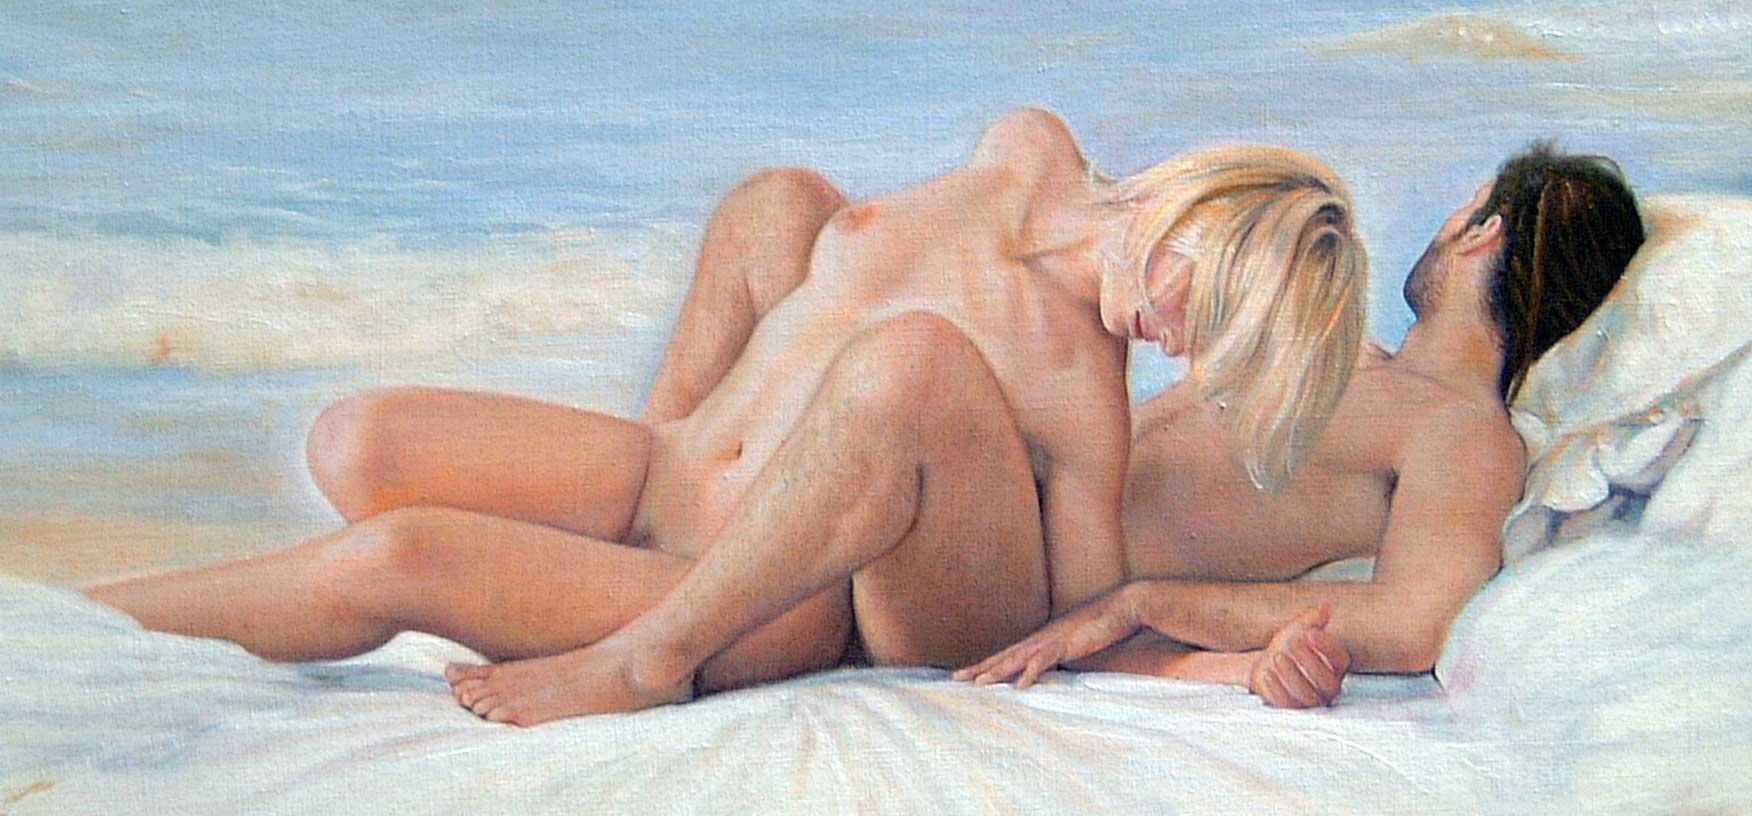 Desnudo pareja en la playa